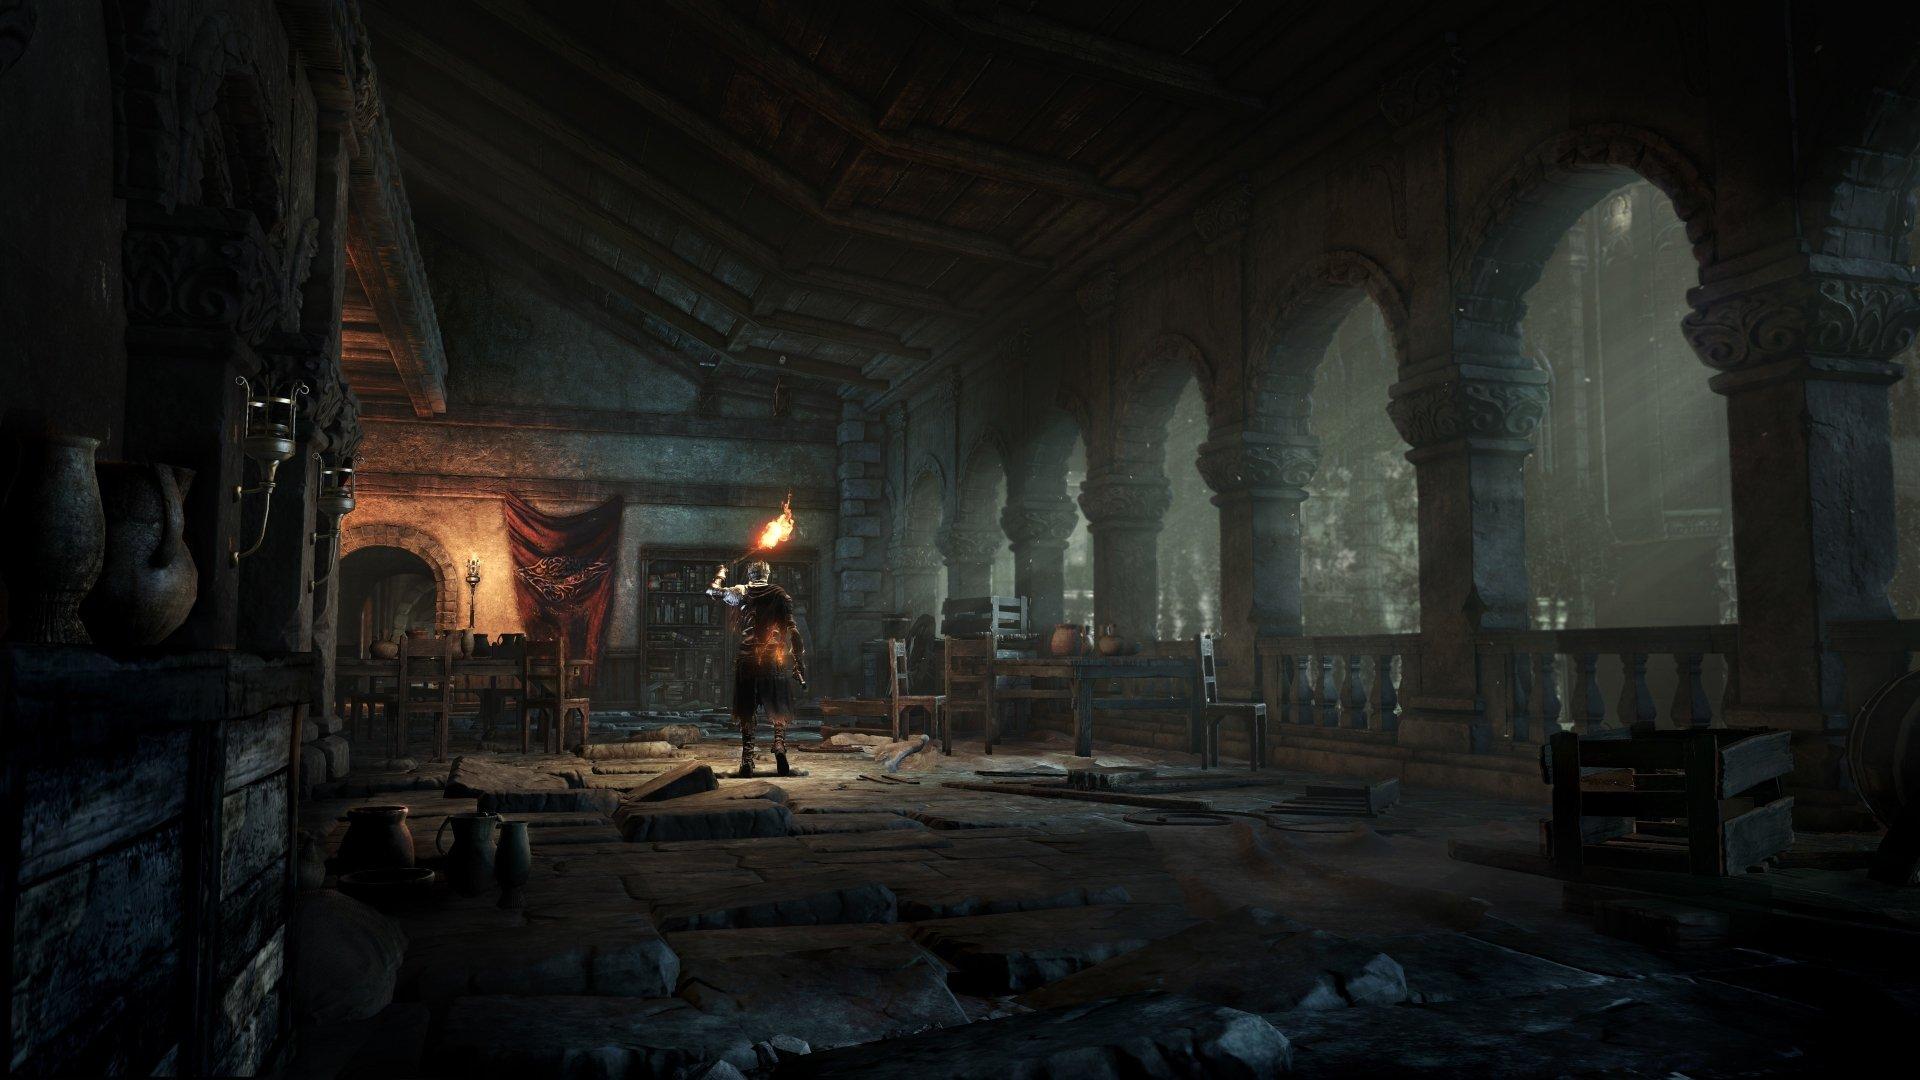 电子游戏 - 黑暗之魂3  壁纸